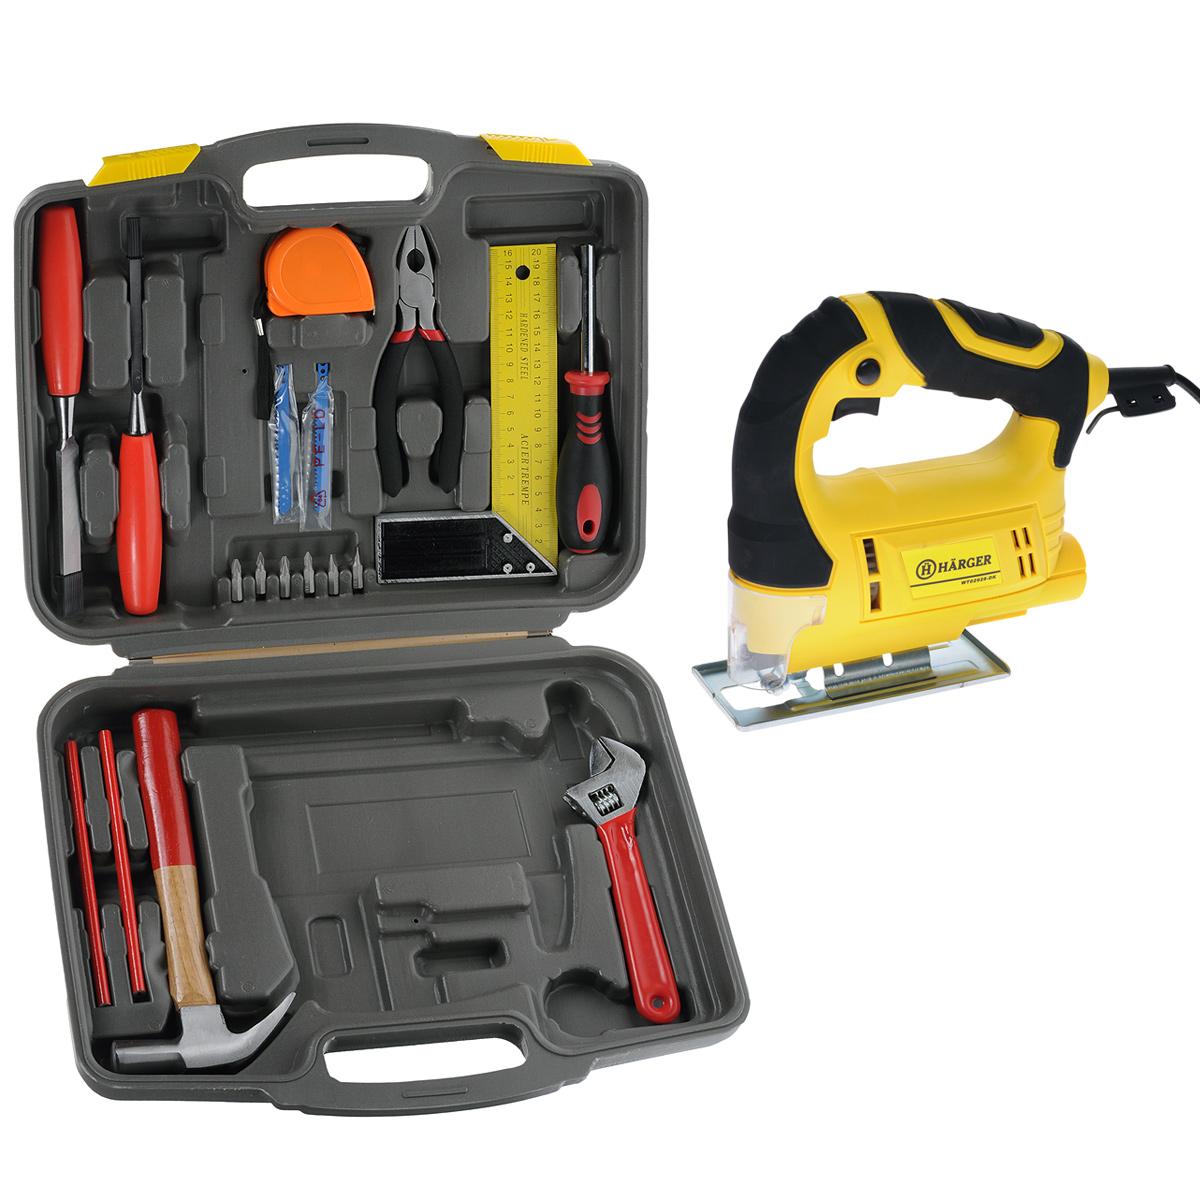 Электролобзик Harger WT02928-DK + набор инструментов в подарокWT02928-DK